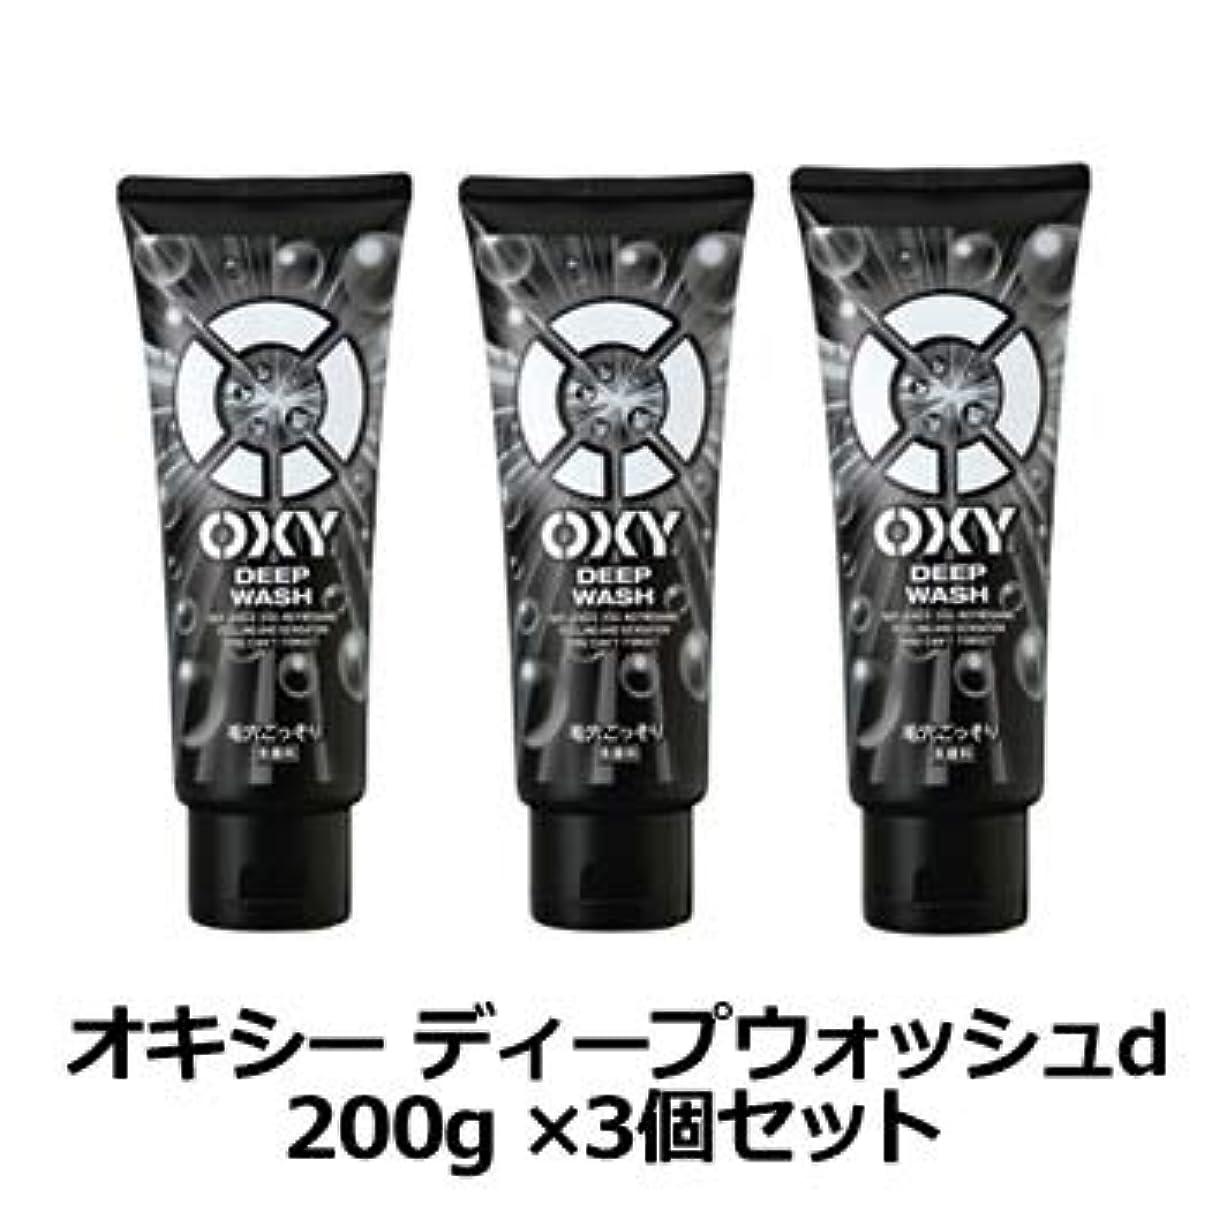 試験文化絶壁オキシー ディープウォッシュ 200g ×3個セット